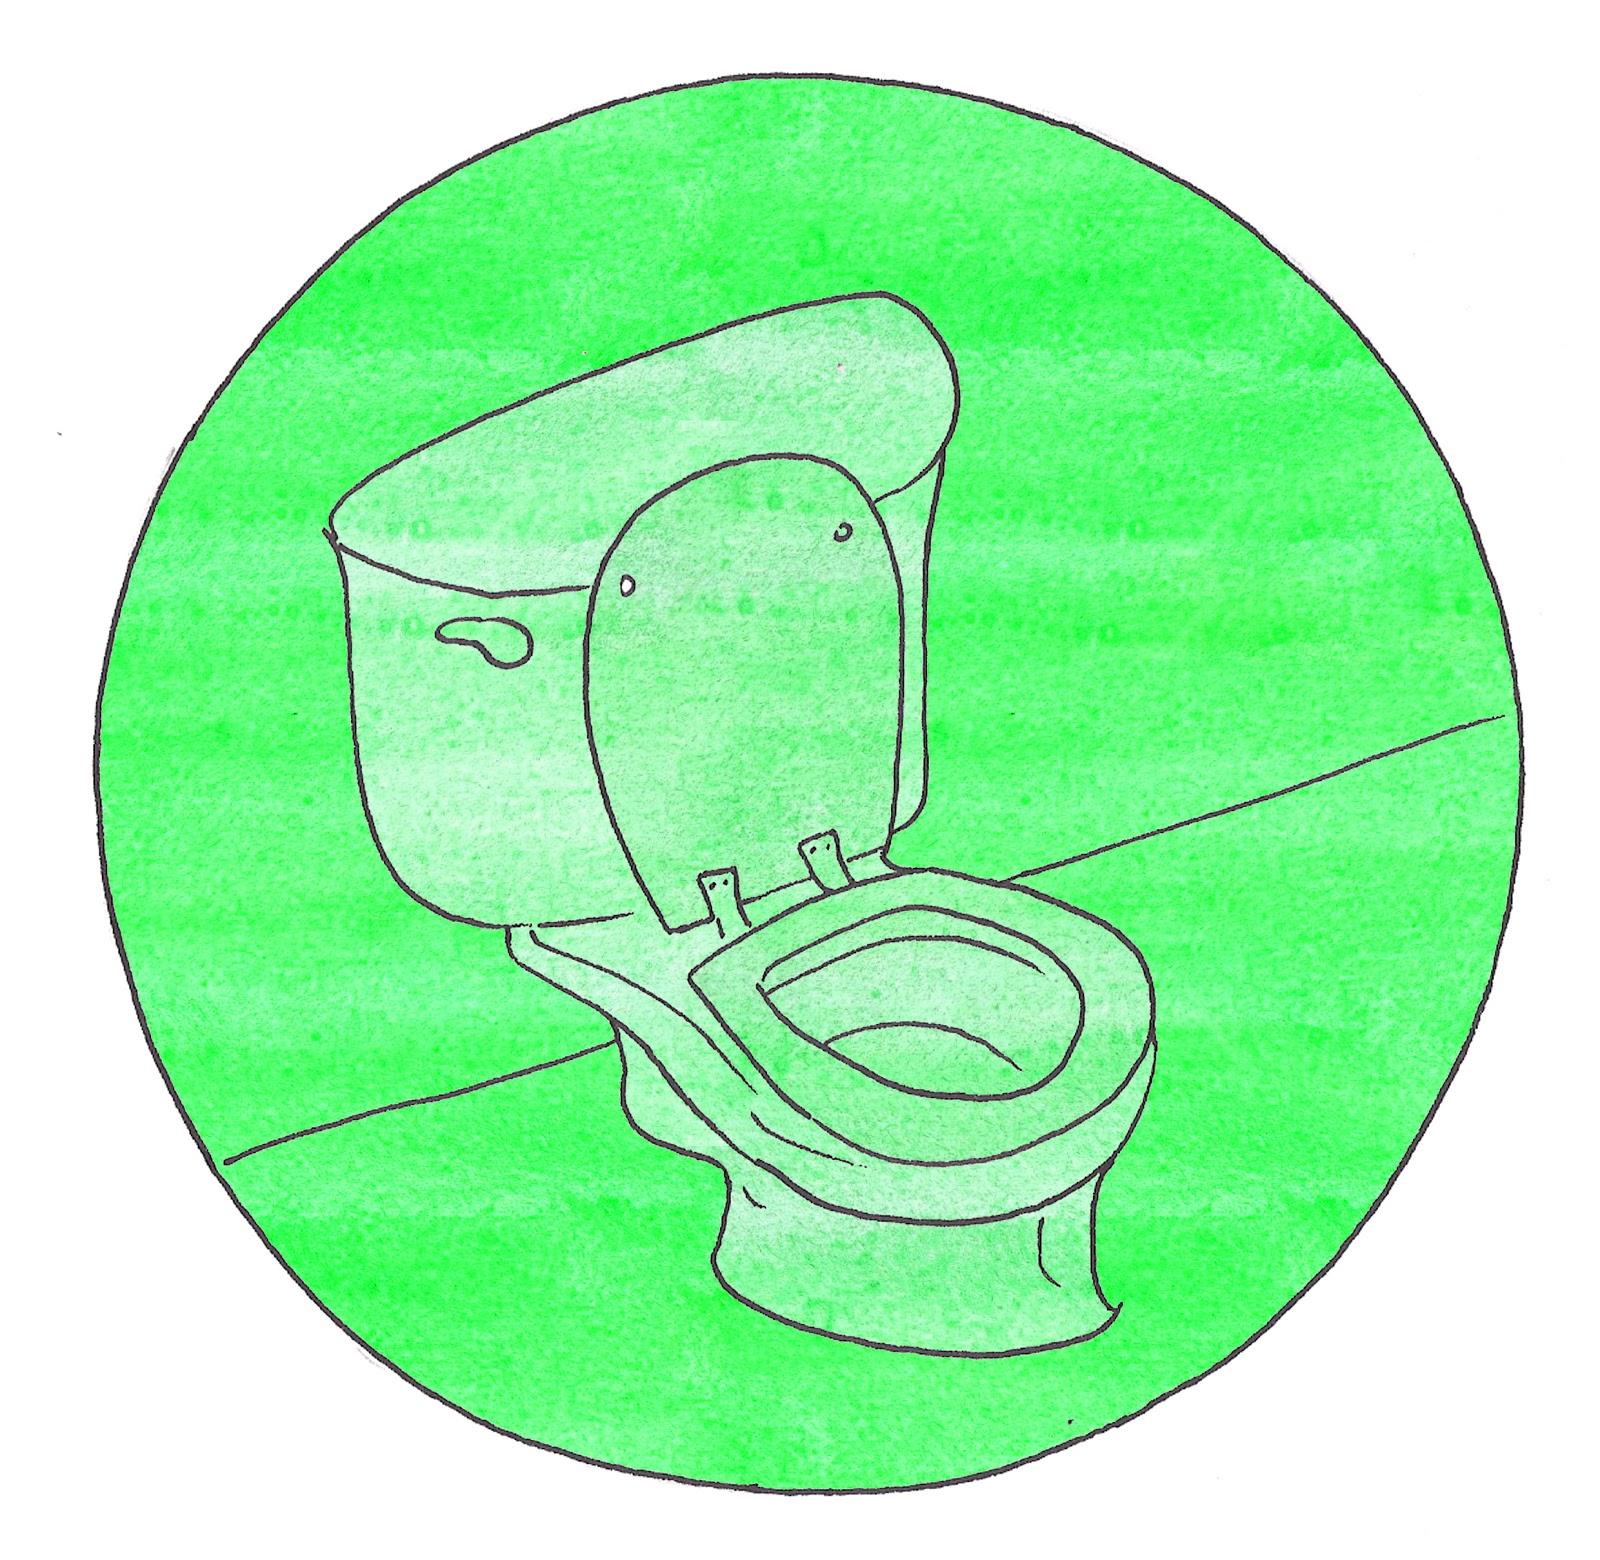 Ir Al Baño Solo Ninos:en mi sala de clases: ¡Quiero ir al baño!